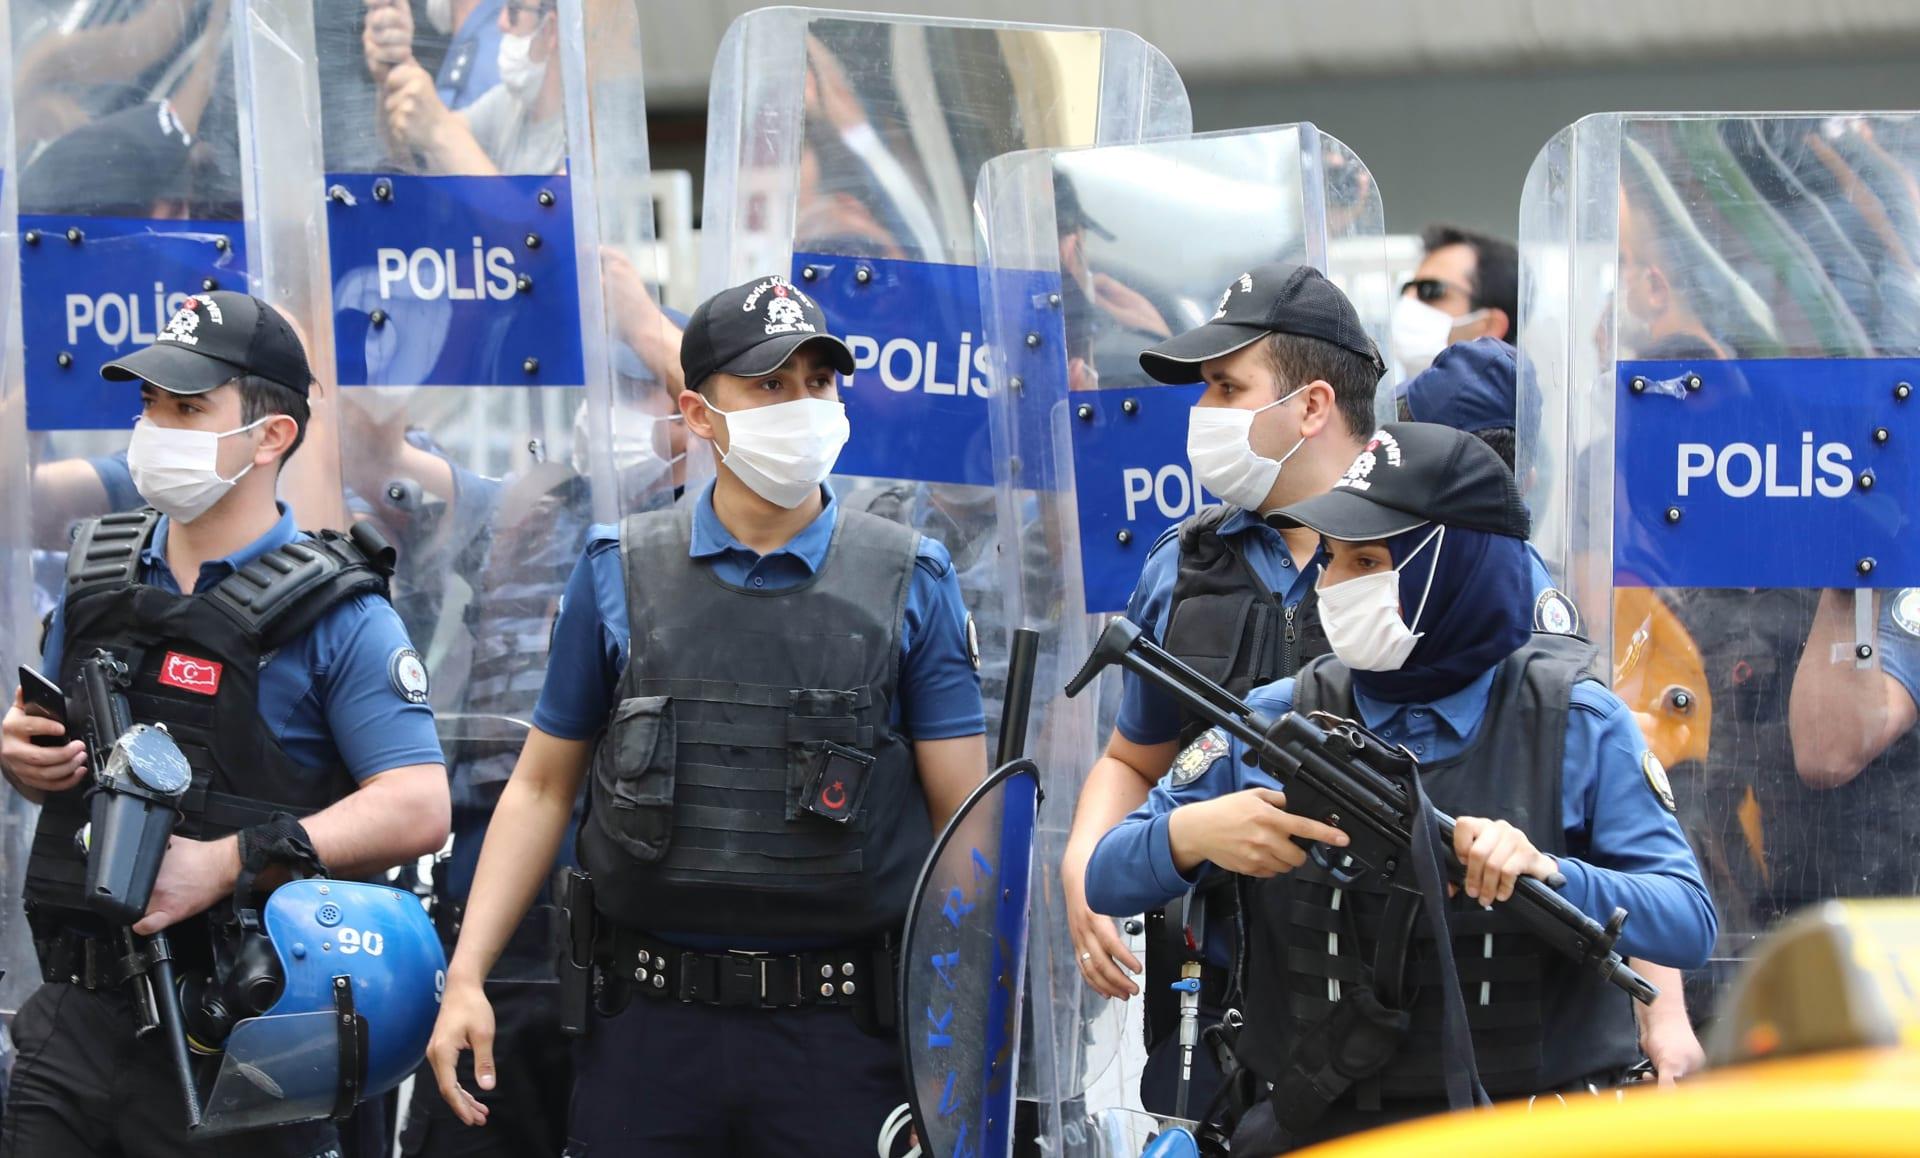 """السفارة الأمريكية في تركيا تُحذر: """"تقارير موثوقة عن هجمات وعمليات خطف محتملة ضد مواطنيننا"""""""